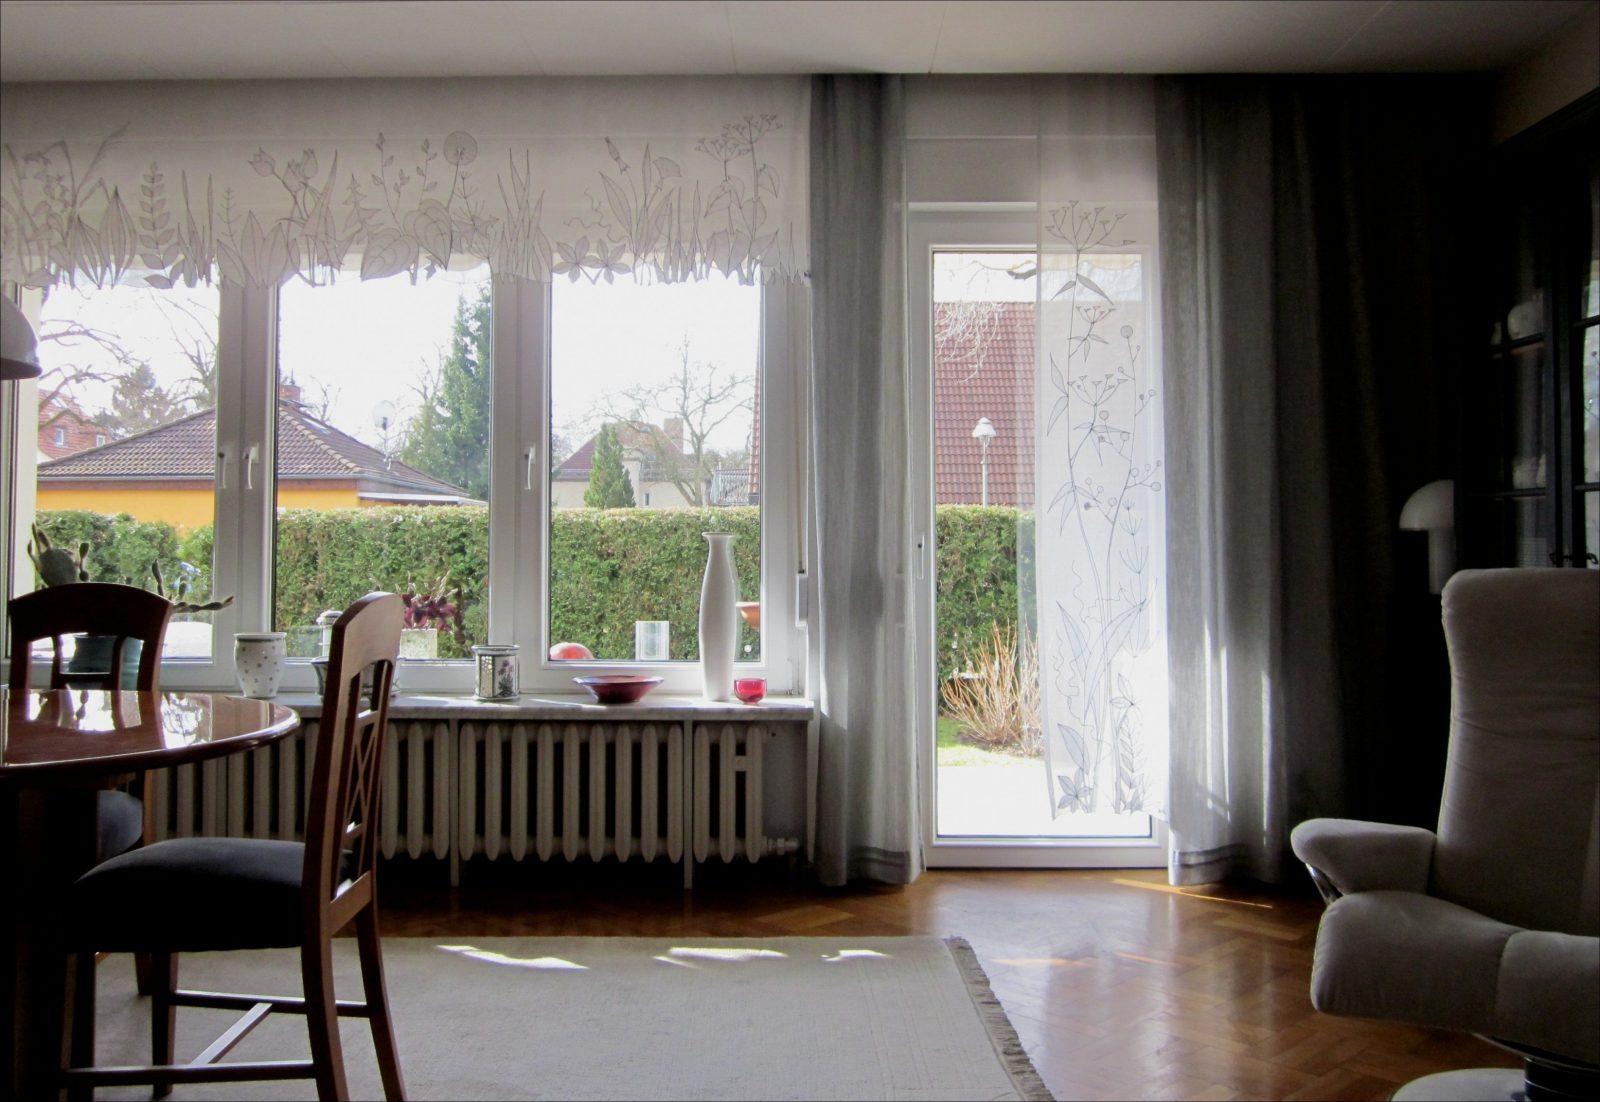 Wohnzimmer Neu Gardinen Für Wohnzimmer Ideen Gemütlich Gardinen von Gardinen Für Wohnzimmerfenster Mit Balkontür Photo